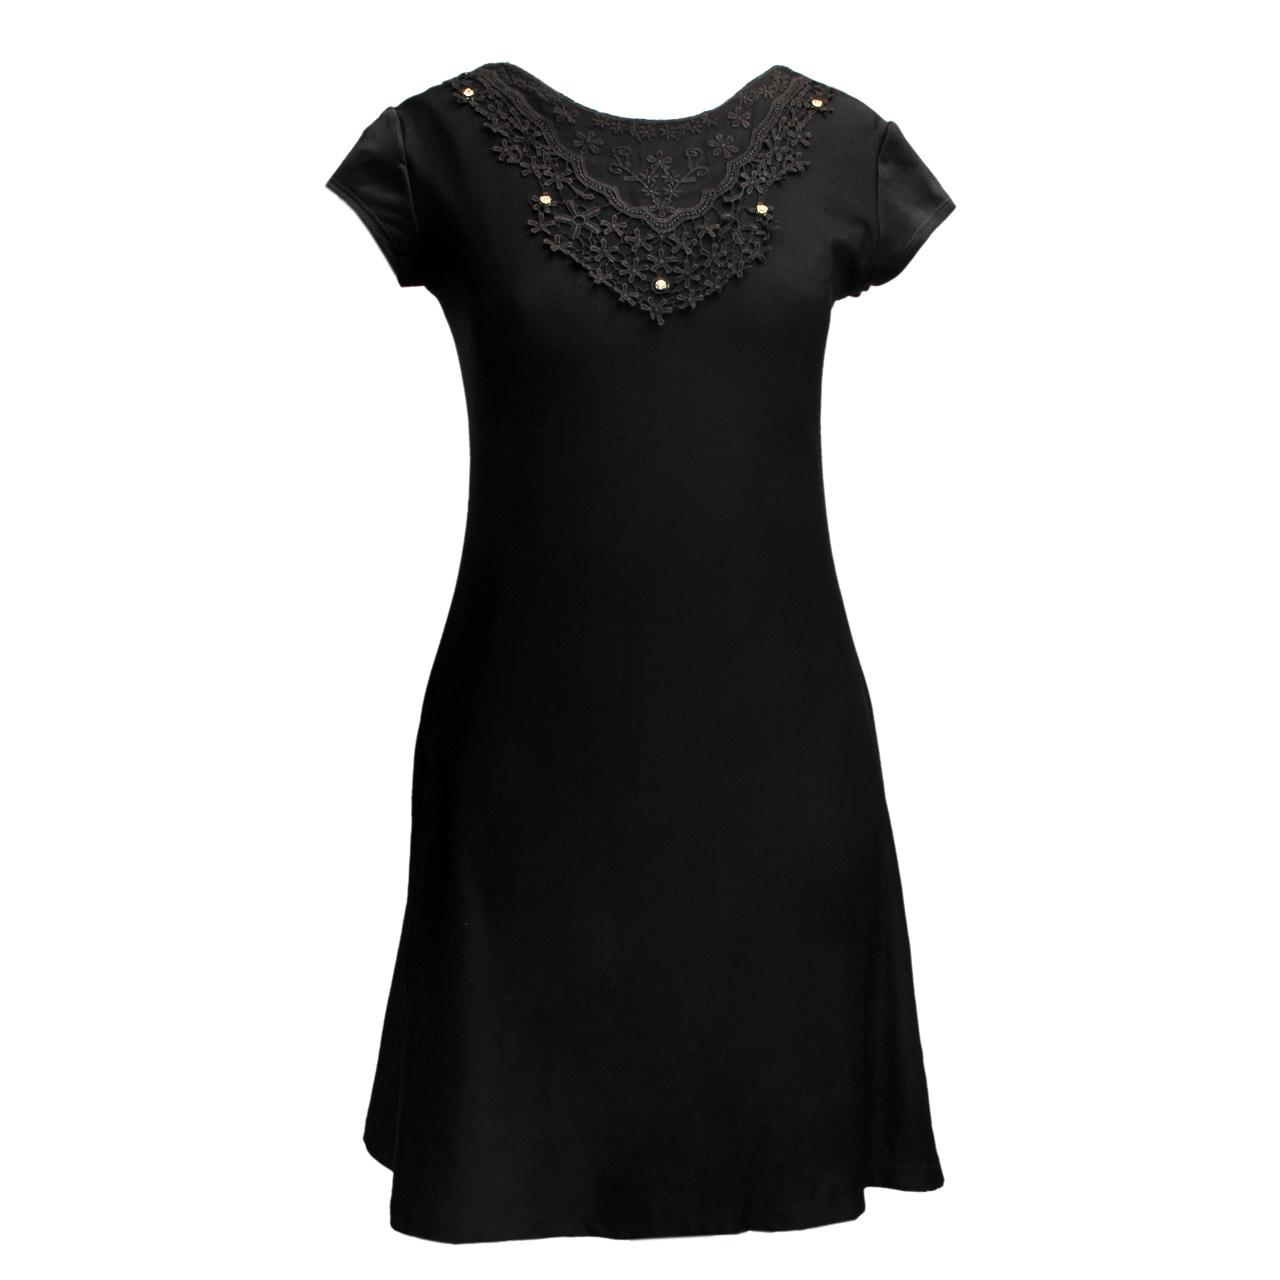 پیراهن زنانه مدل R016-1